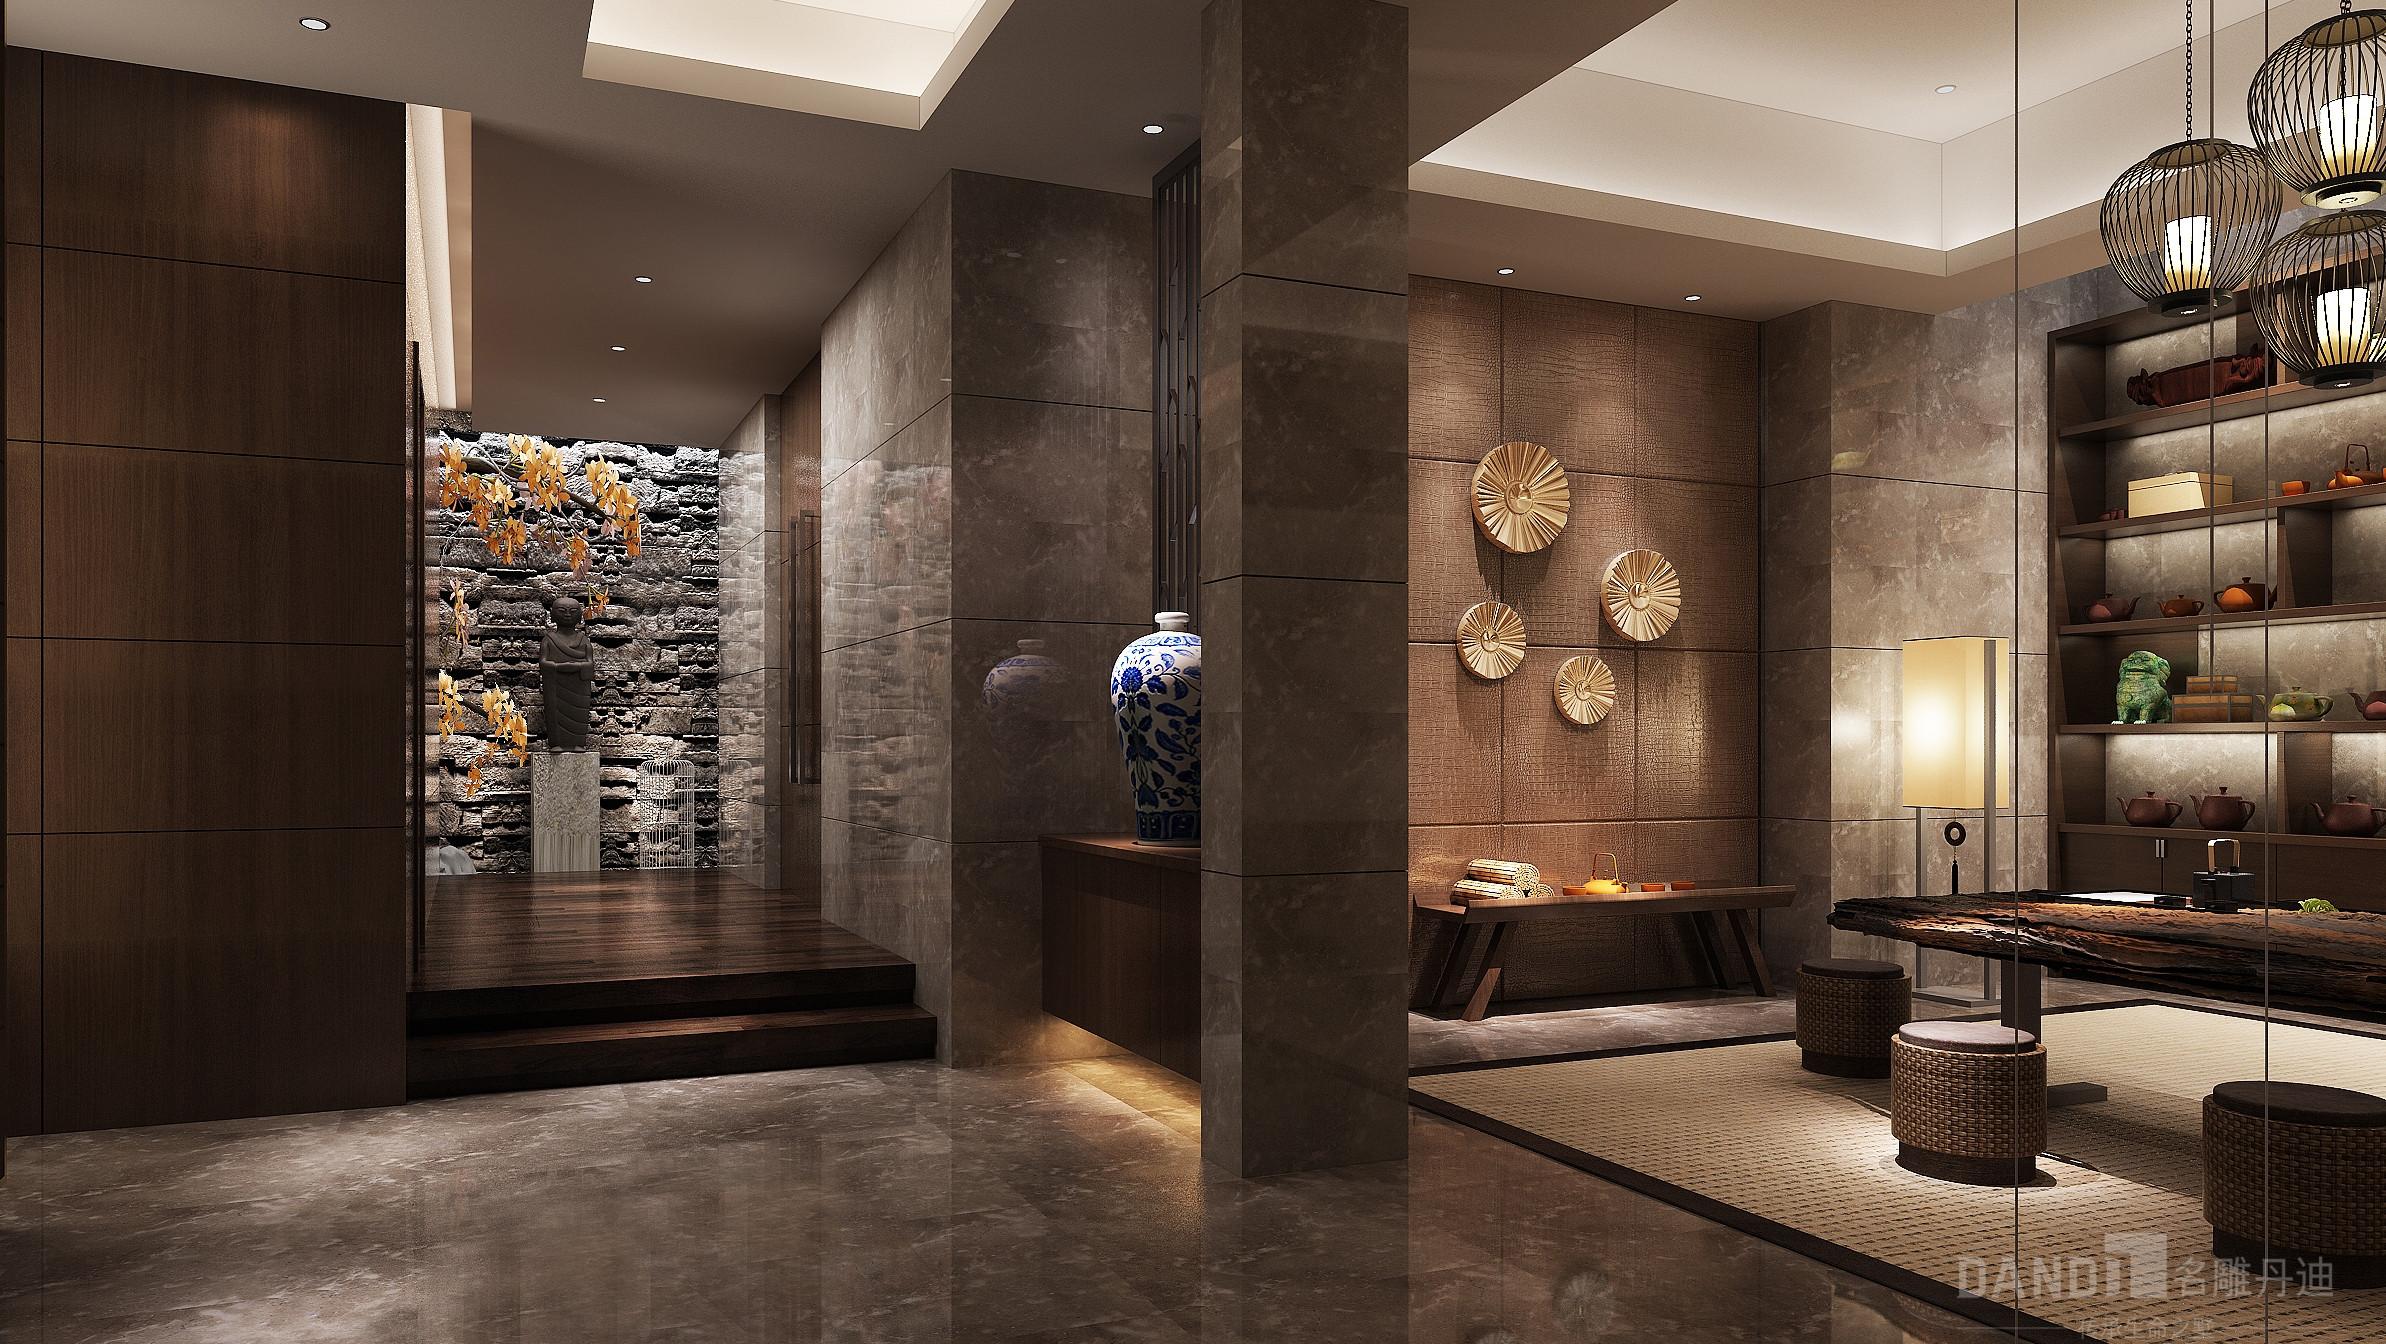 简约 混搭 别墅 新中式 玄关图片来自名雕丹迪在万科璞悦山别墅新中式装修风格的分享